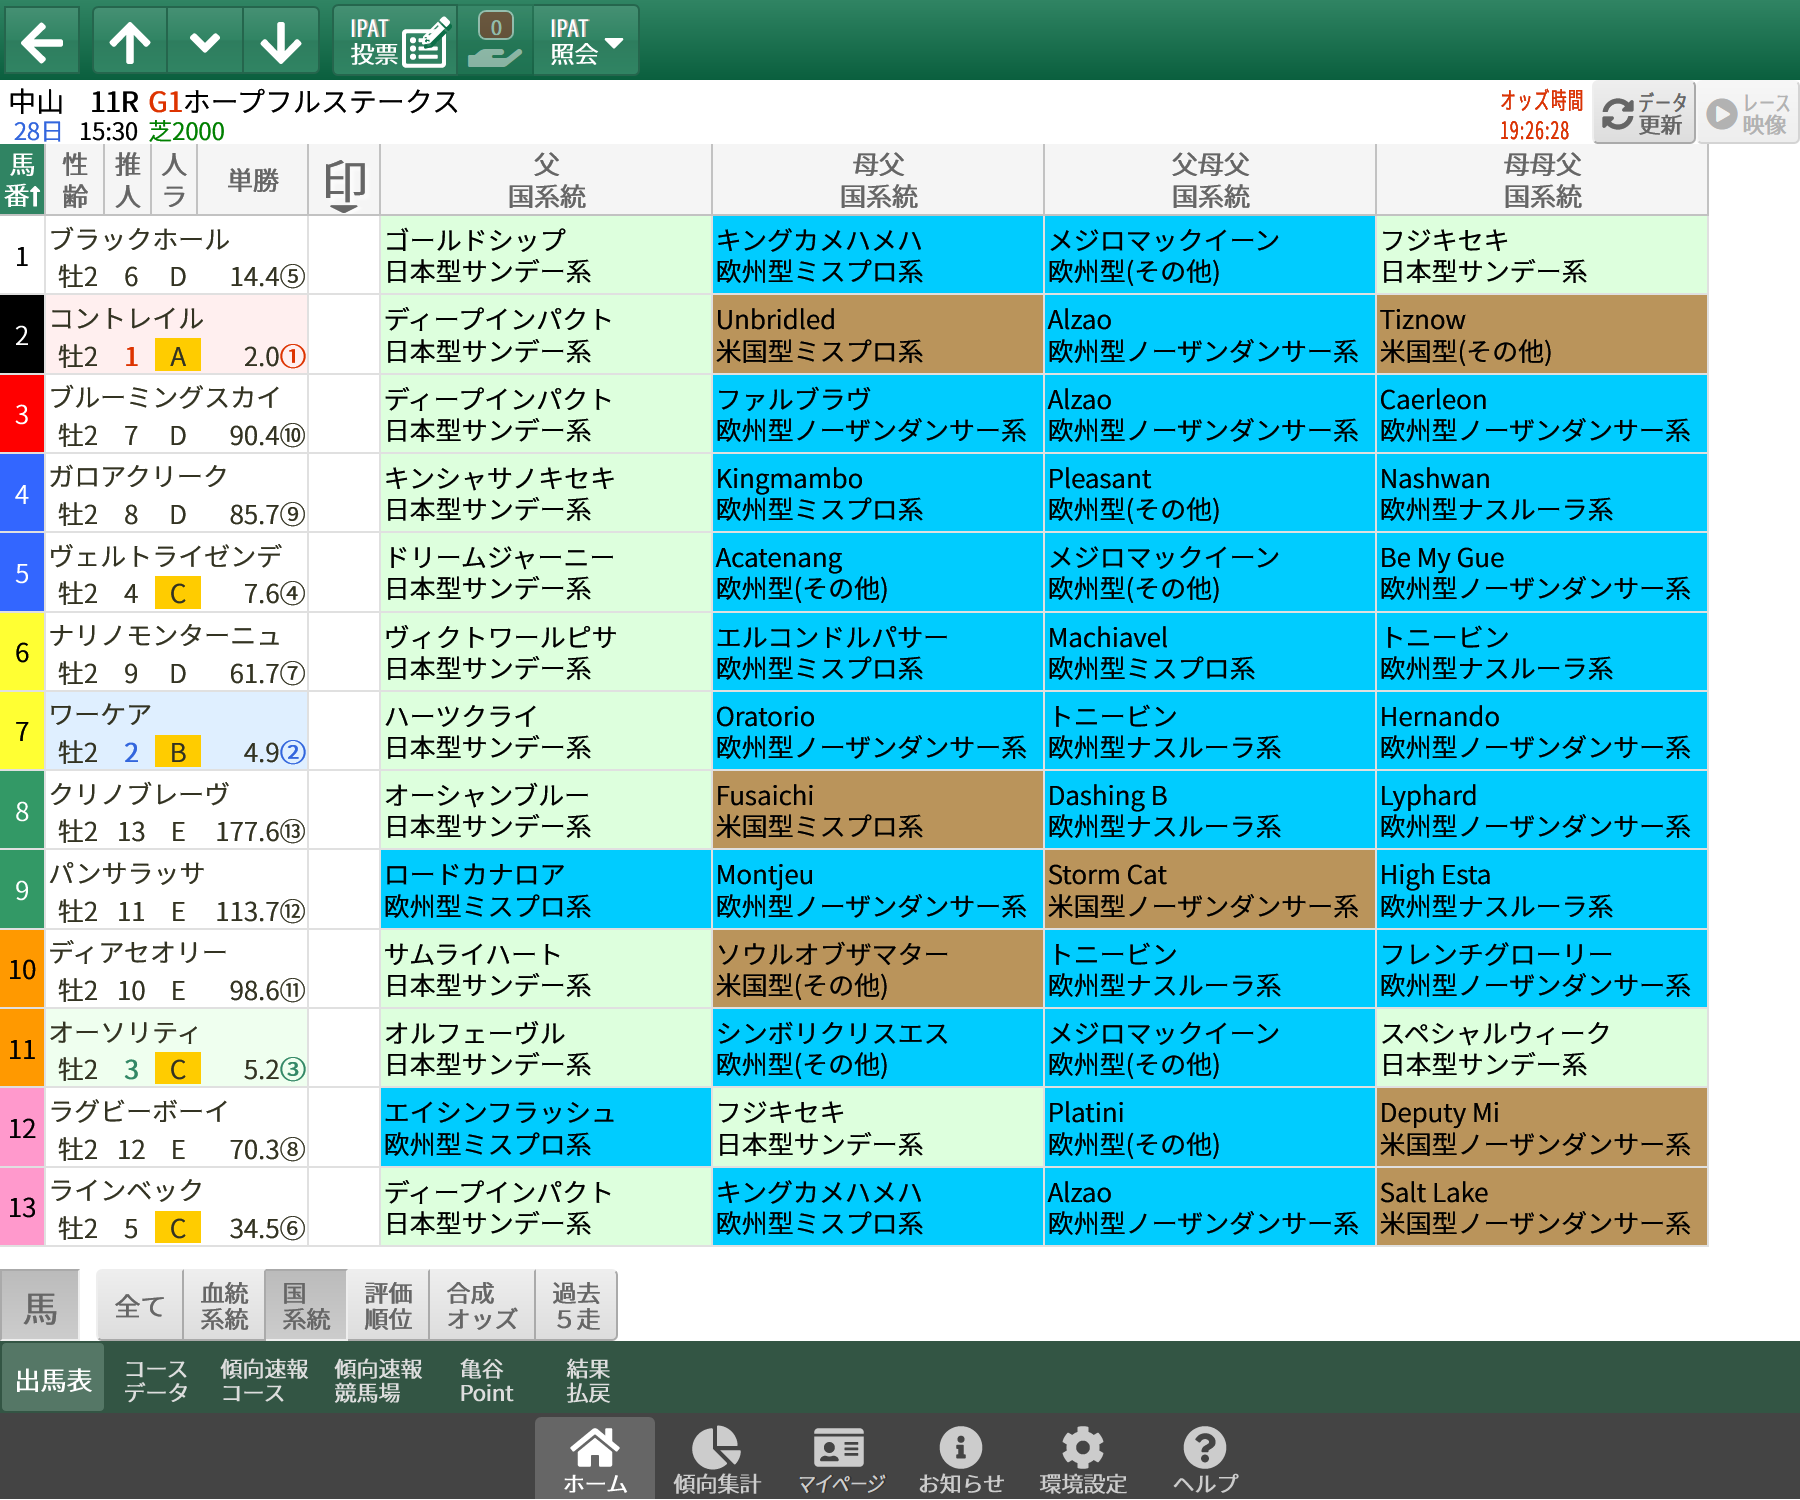 【無料公開】ホープフルS/ 亀谷サロン限定公開中のスマート出馬表・次期バージョン